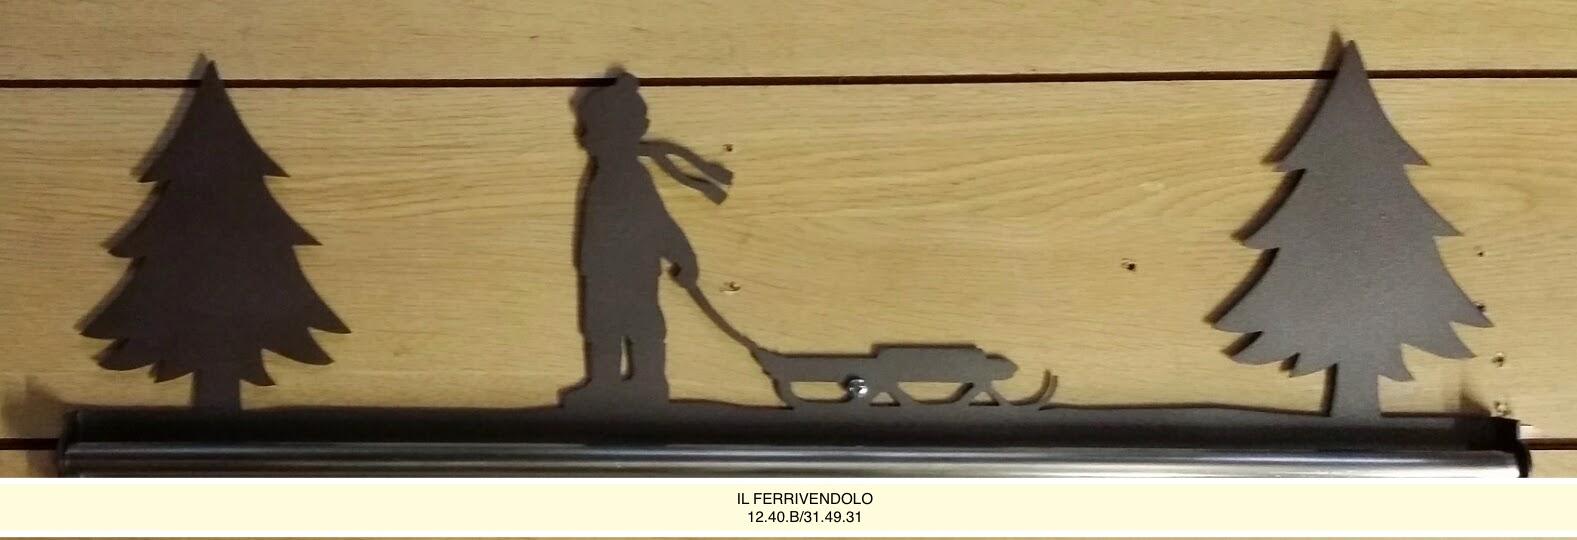 Cucine Per Case Di Montagna: Accessori cucina Lampade per case di ...